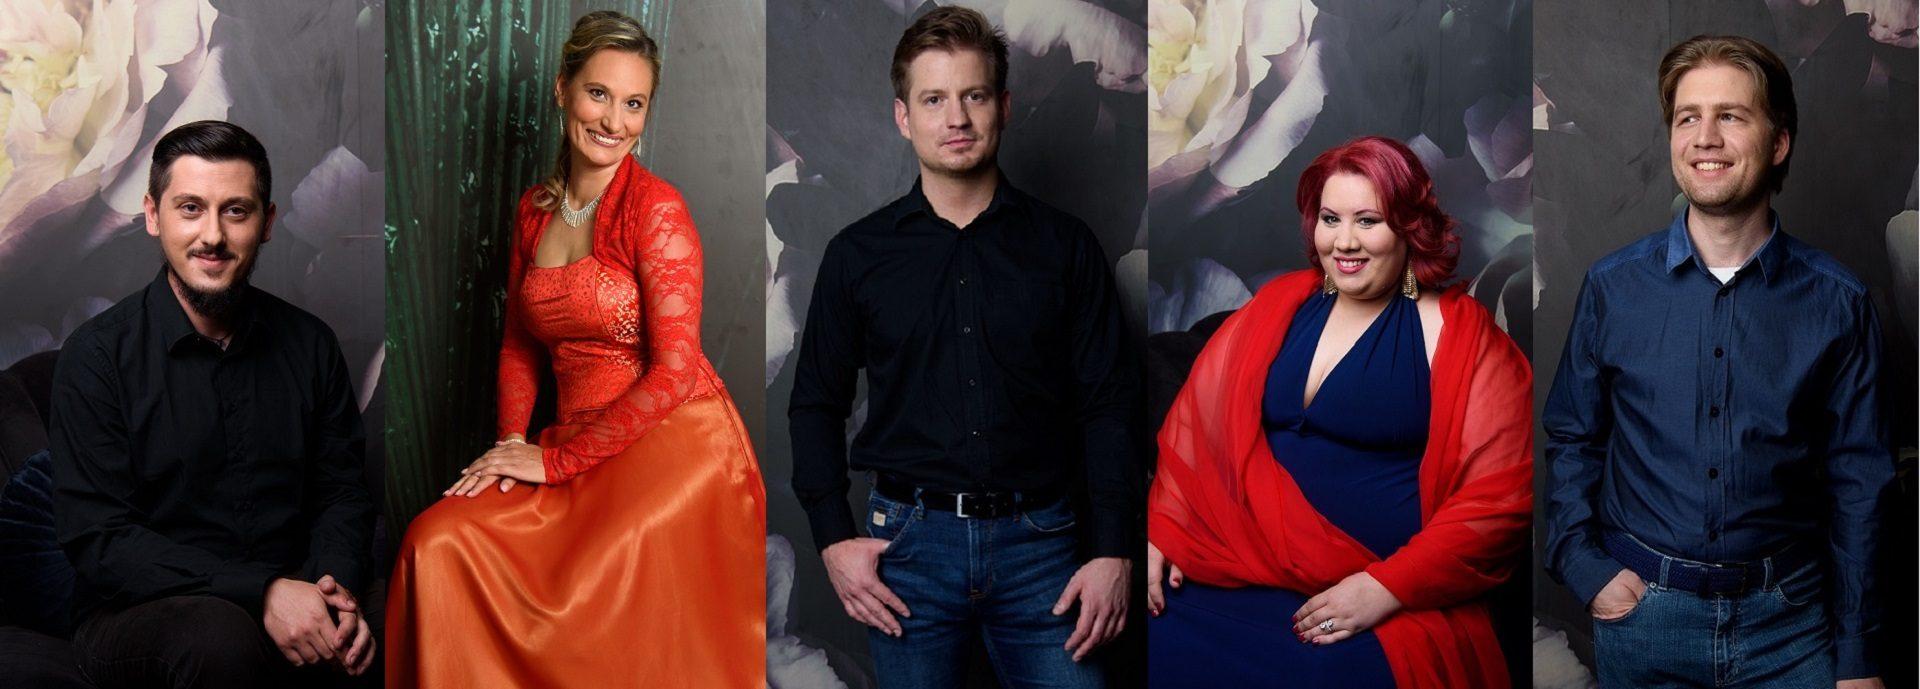 Il Miraggio Opera Singer Quartet